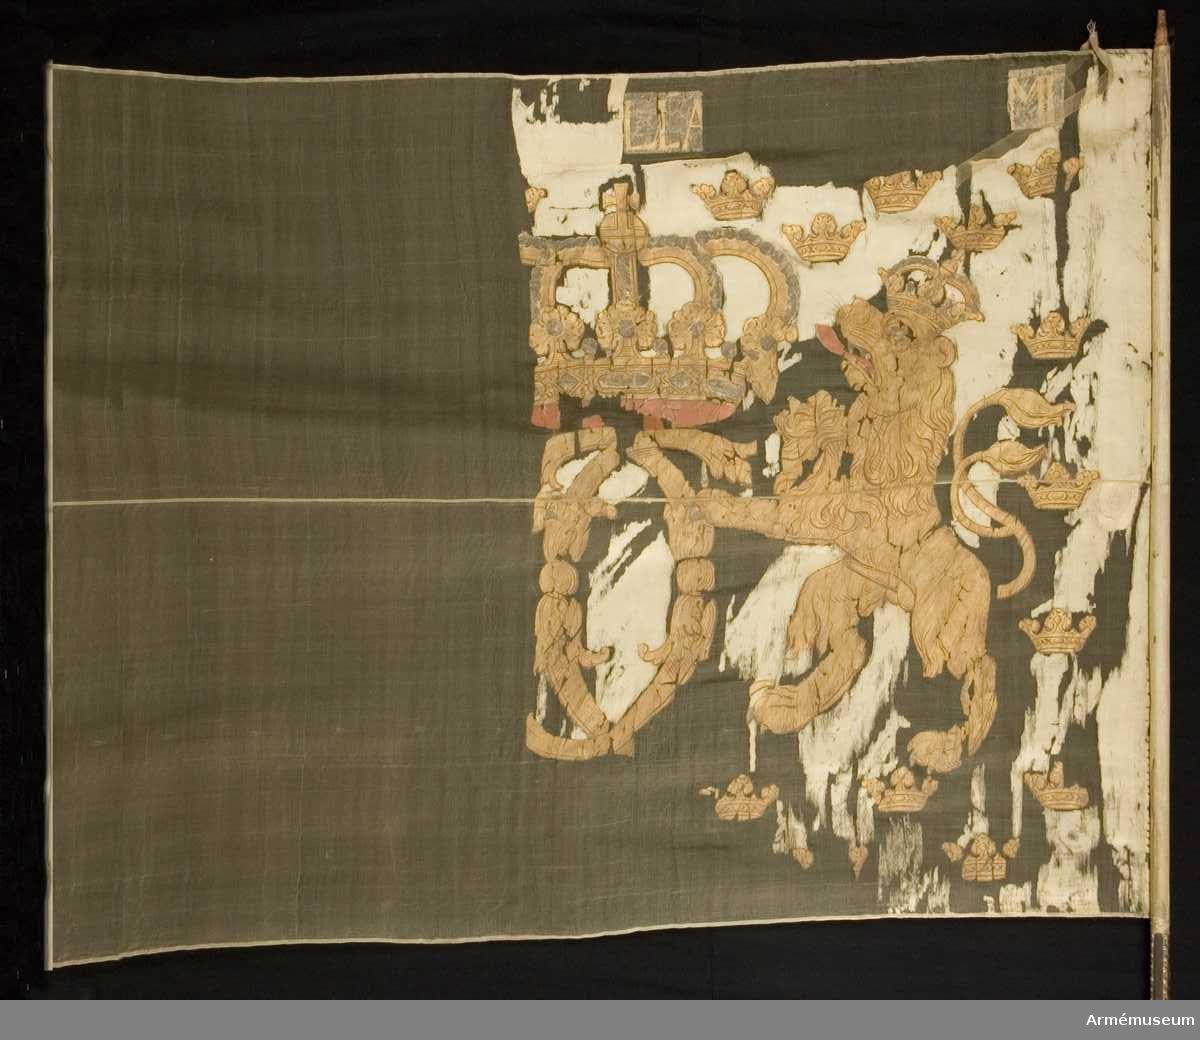 Duk: Tillverkad av vit taft. Duken fäst med guldband och förgyllda spikar.  Dekor:  Målat med guld lika på båda sidor: Karl XII:s namnchiffer, stort dubbelt C under sluten kunglig krona. Namnchiffret hålls av två krönta, dubbelsvansade lejon.  Stång av mörkbrun furu.